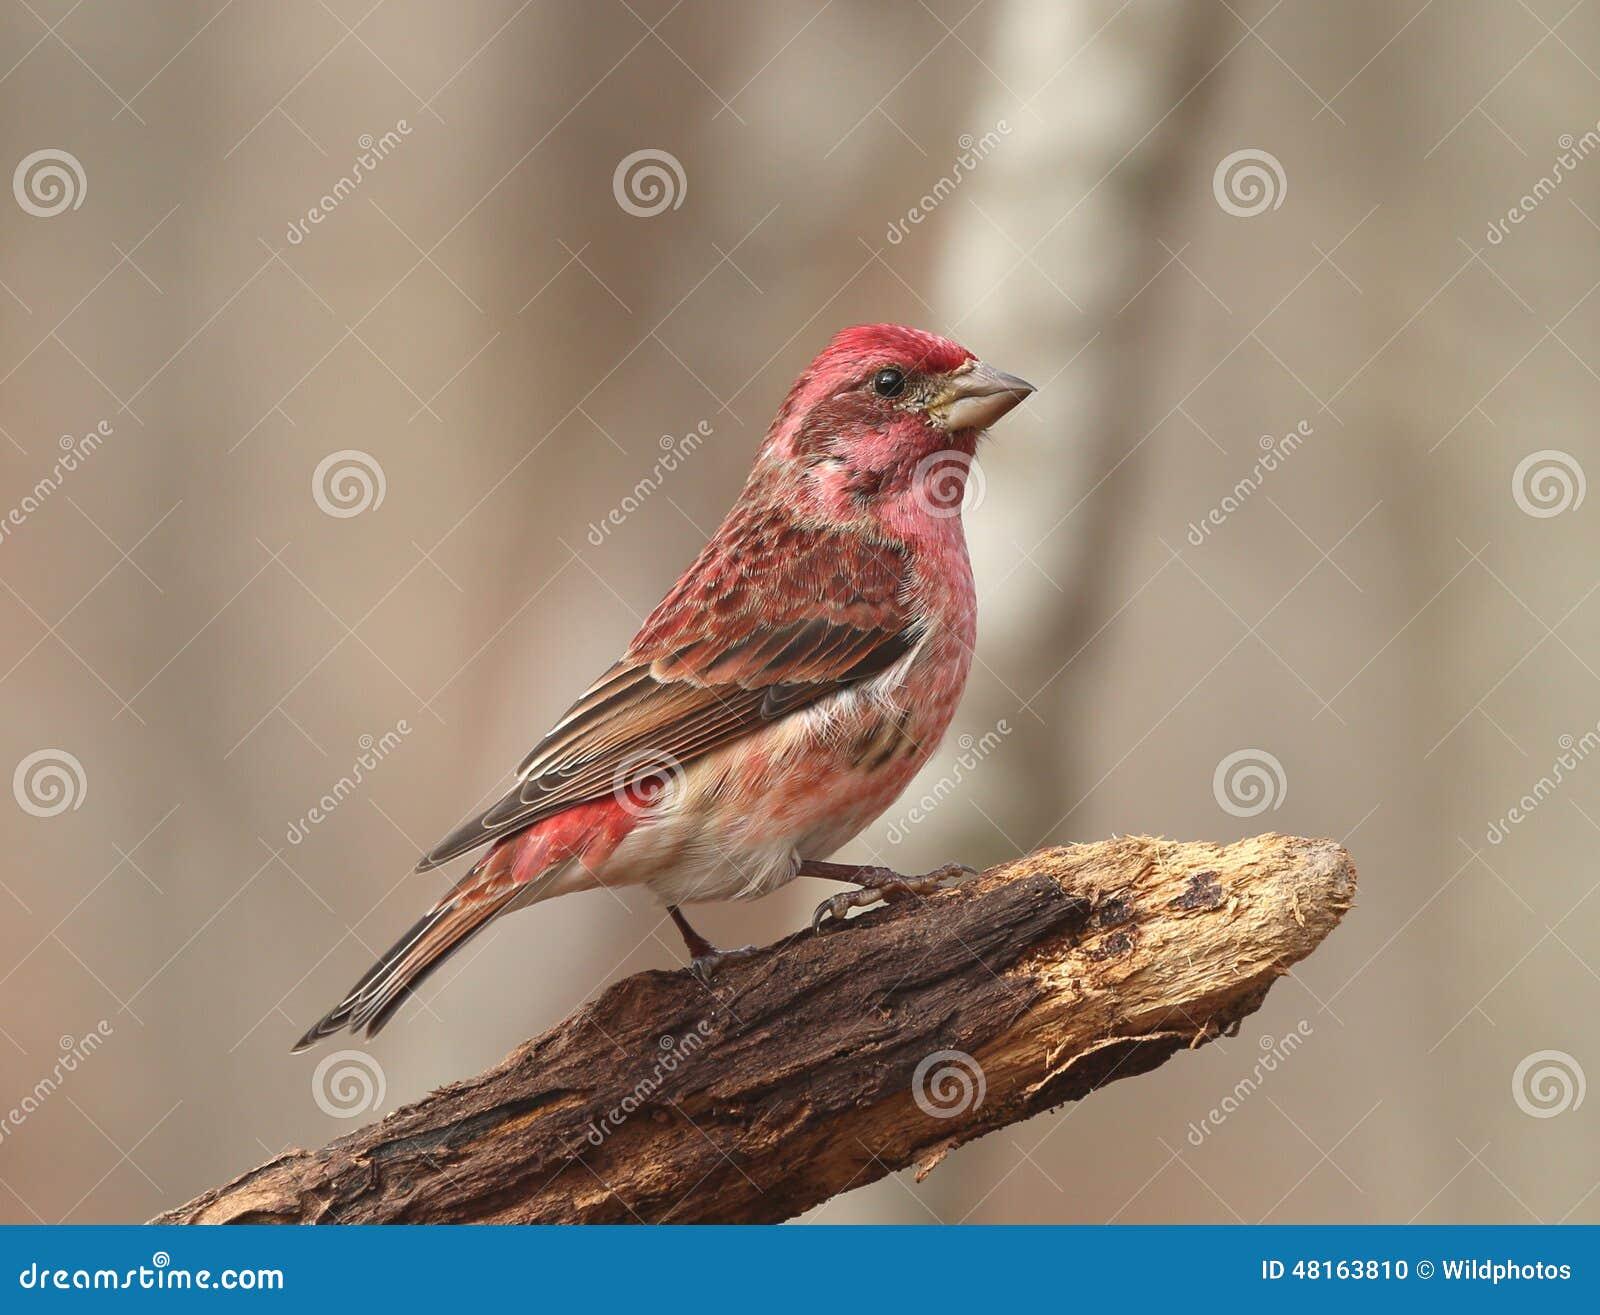 Πορφυρό Finch